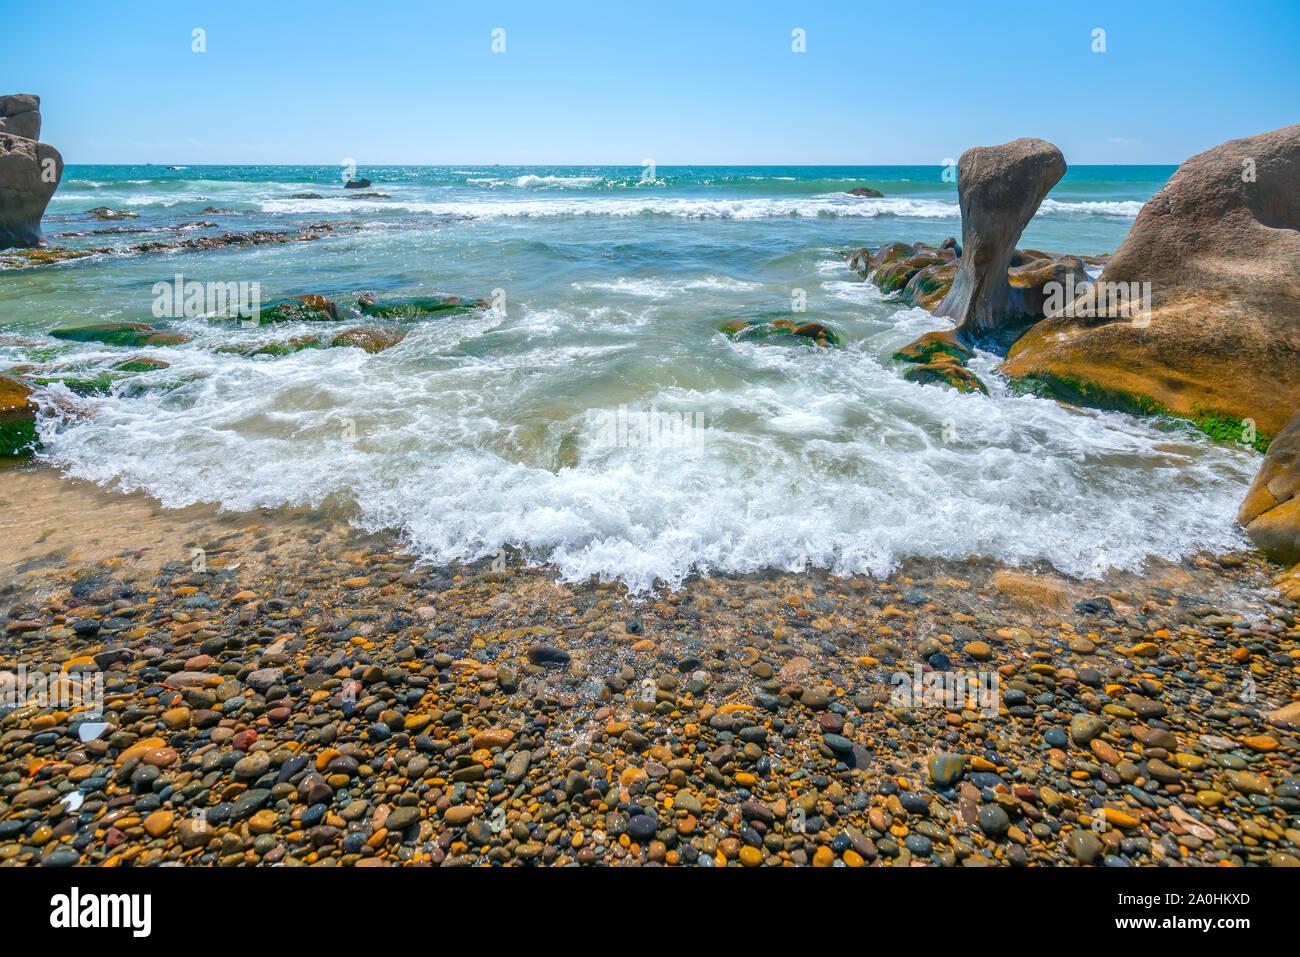 Extraño piedras cubiertos de musgos y algas celebra el amanecer hermoso nuevo día Foto de stock